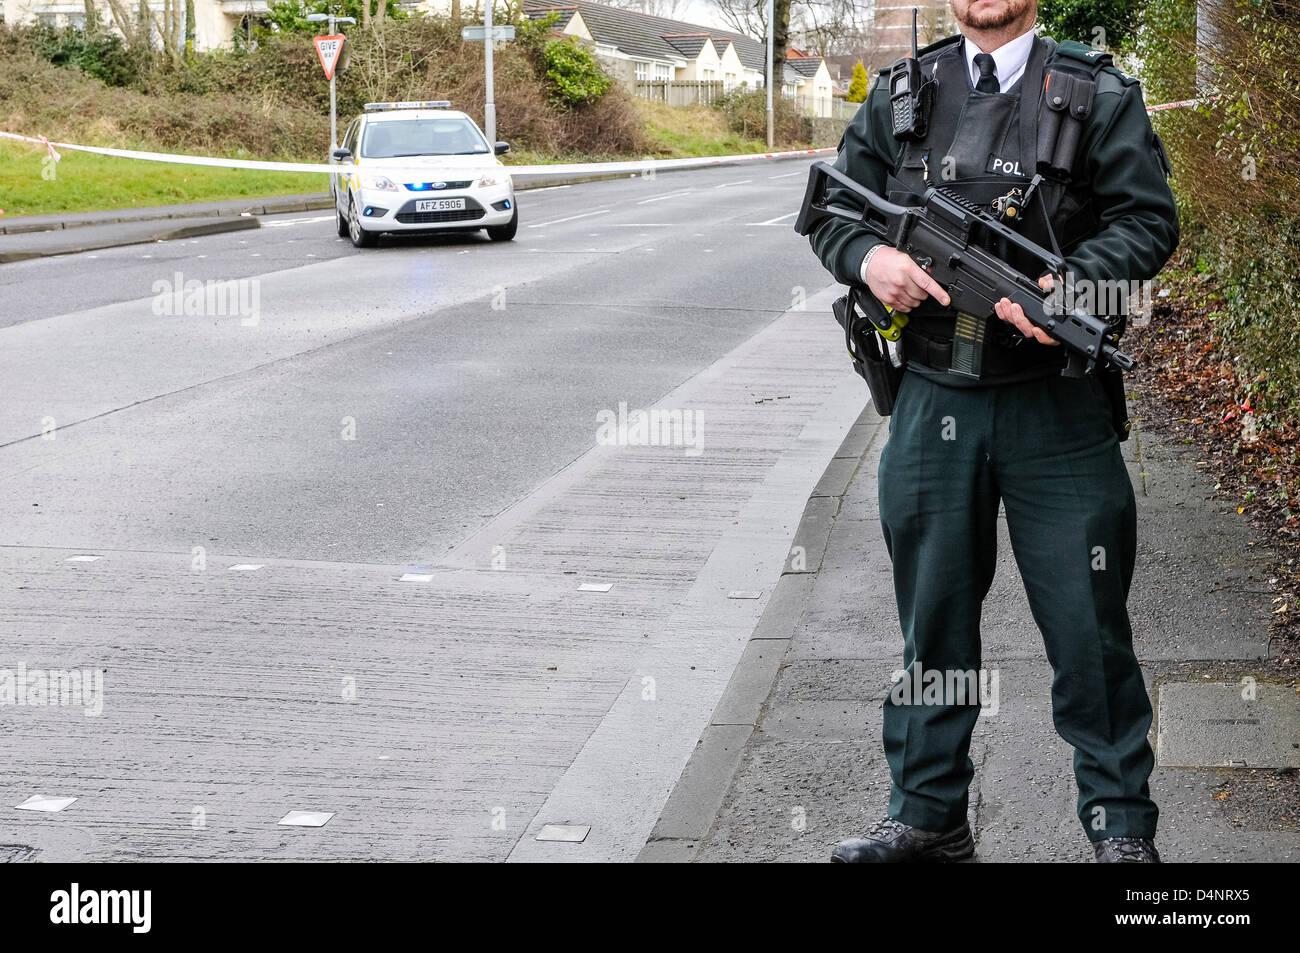 Ein Polizist Police Service of Northern Ireland (PSNI) bewaffnet mit einem Heckler und Koch G36C Sturmgewehr Stockbild